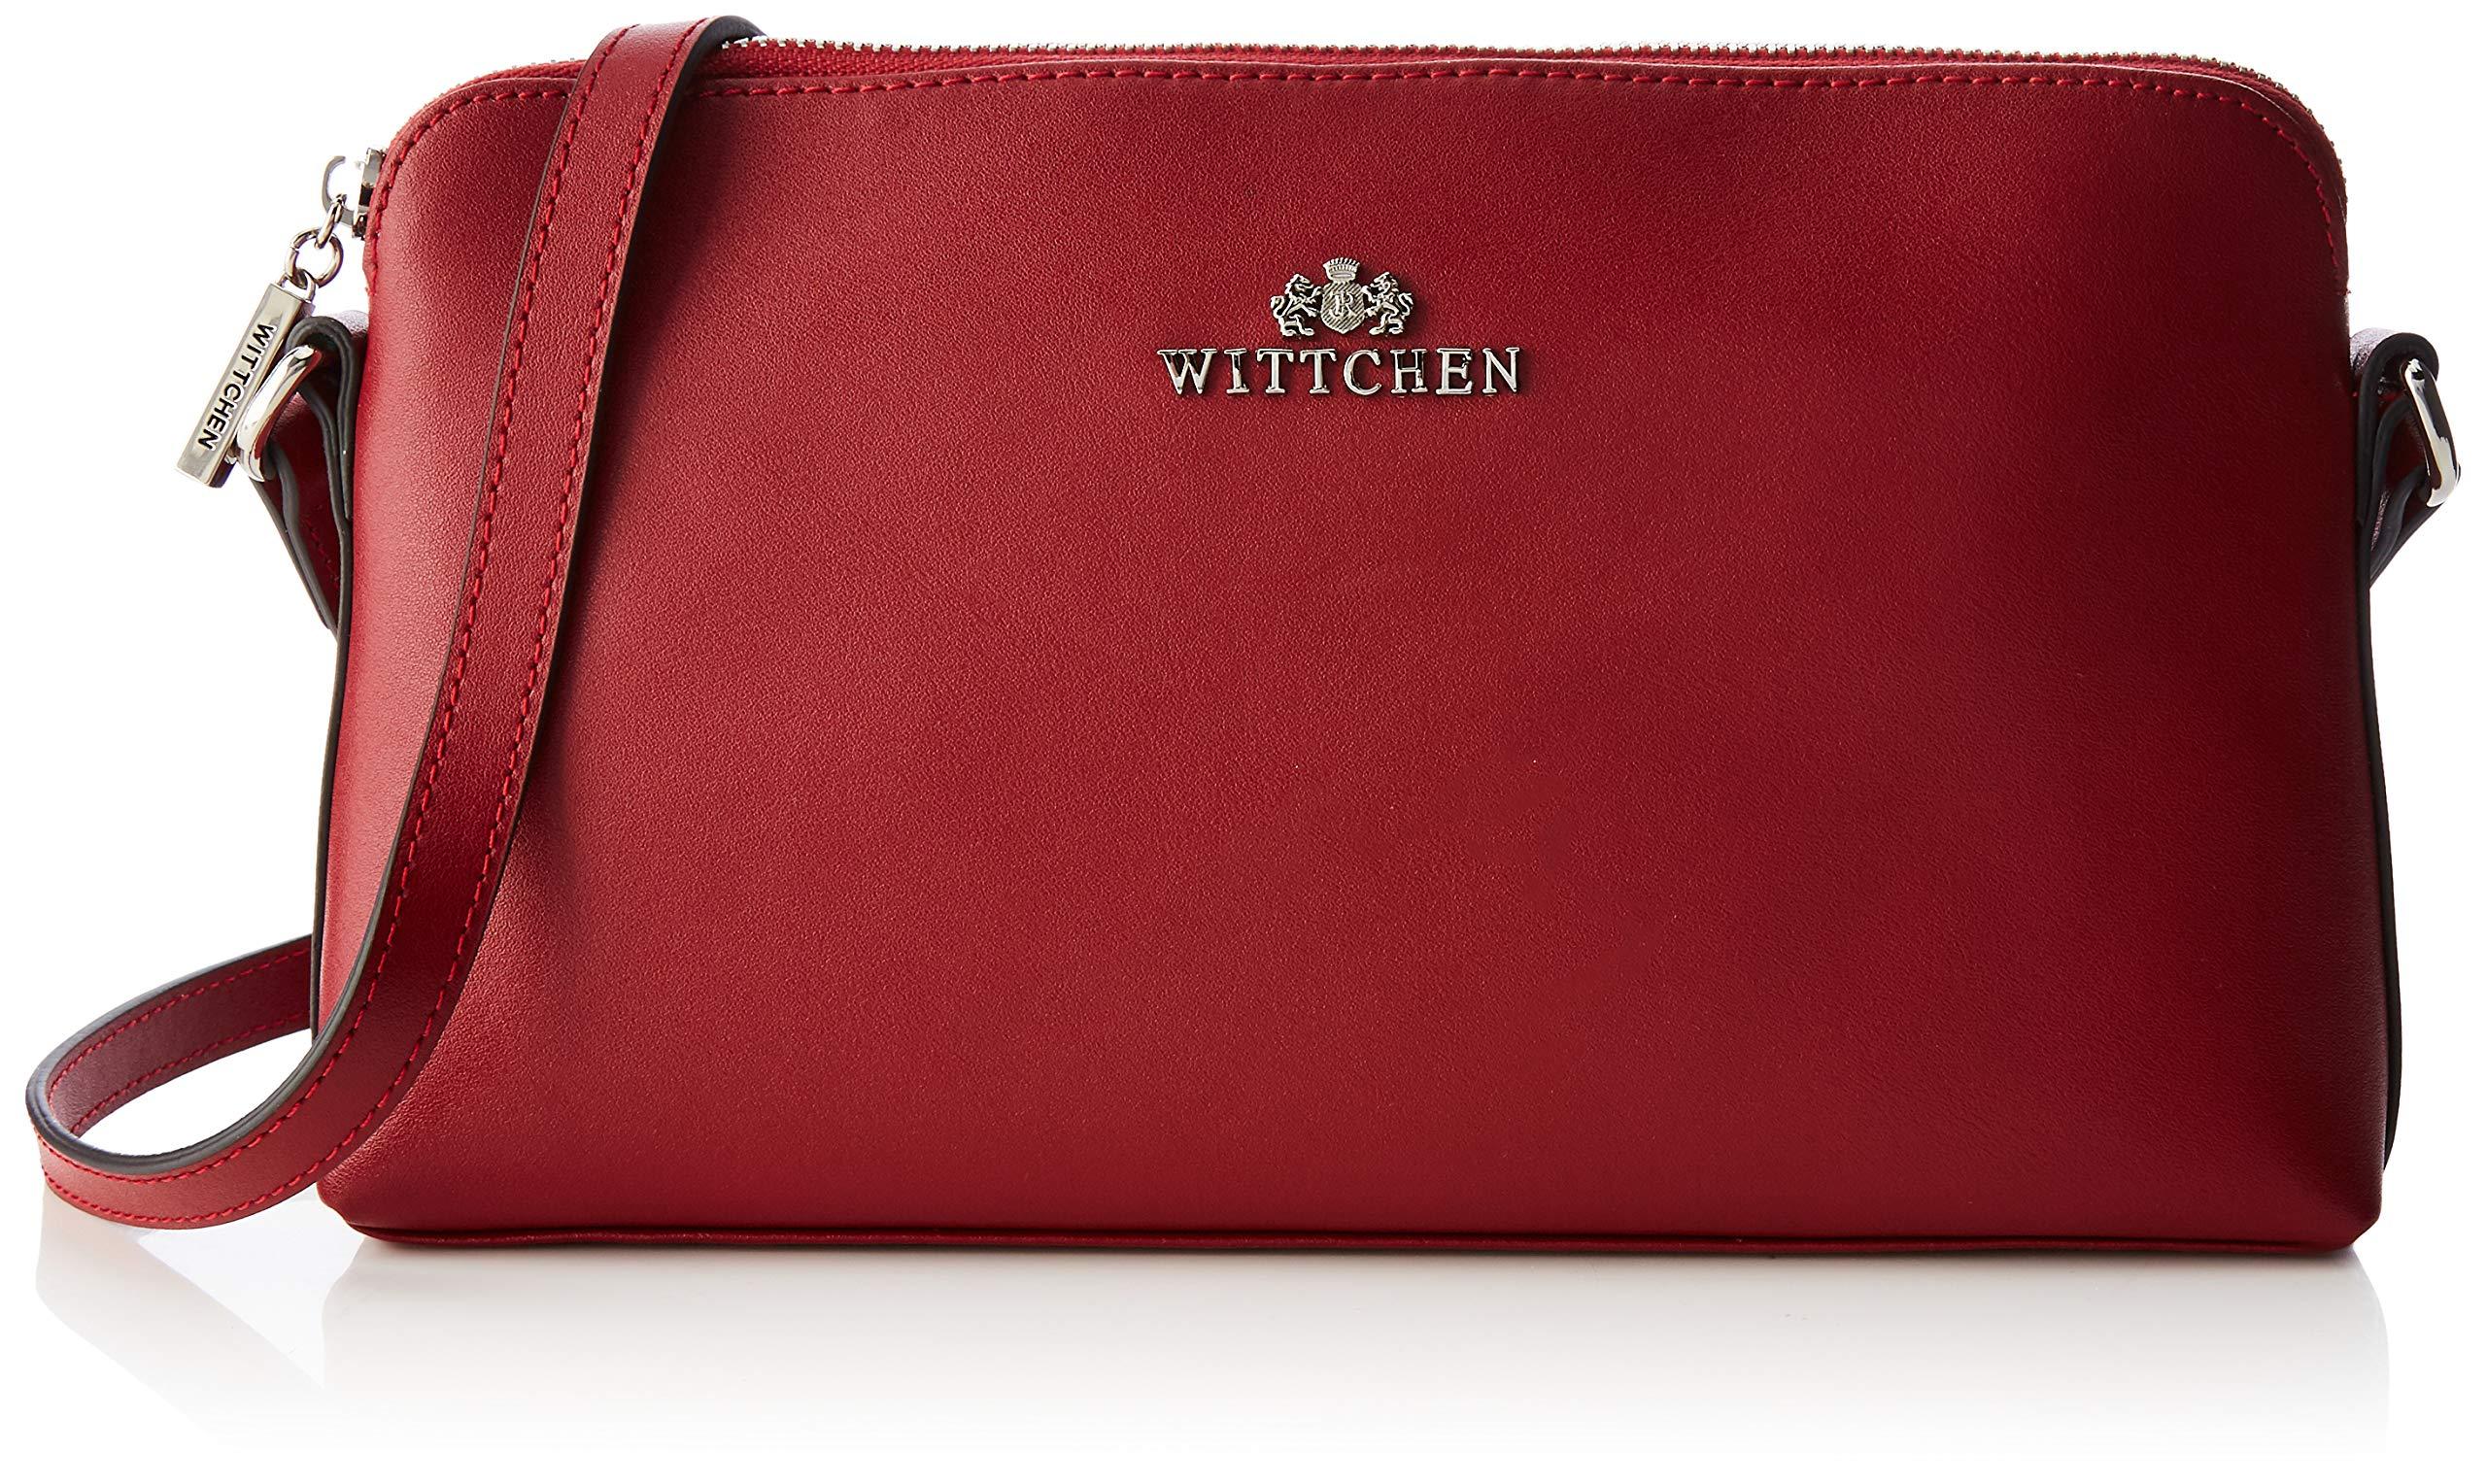 Wittchen 4e En Elegance Synthétique Cuir Collection Largeur 27 Hauteurcm16 453 2 86 Étui Rouge CWrxodeB